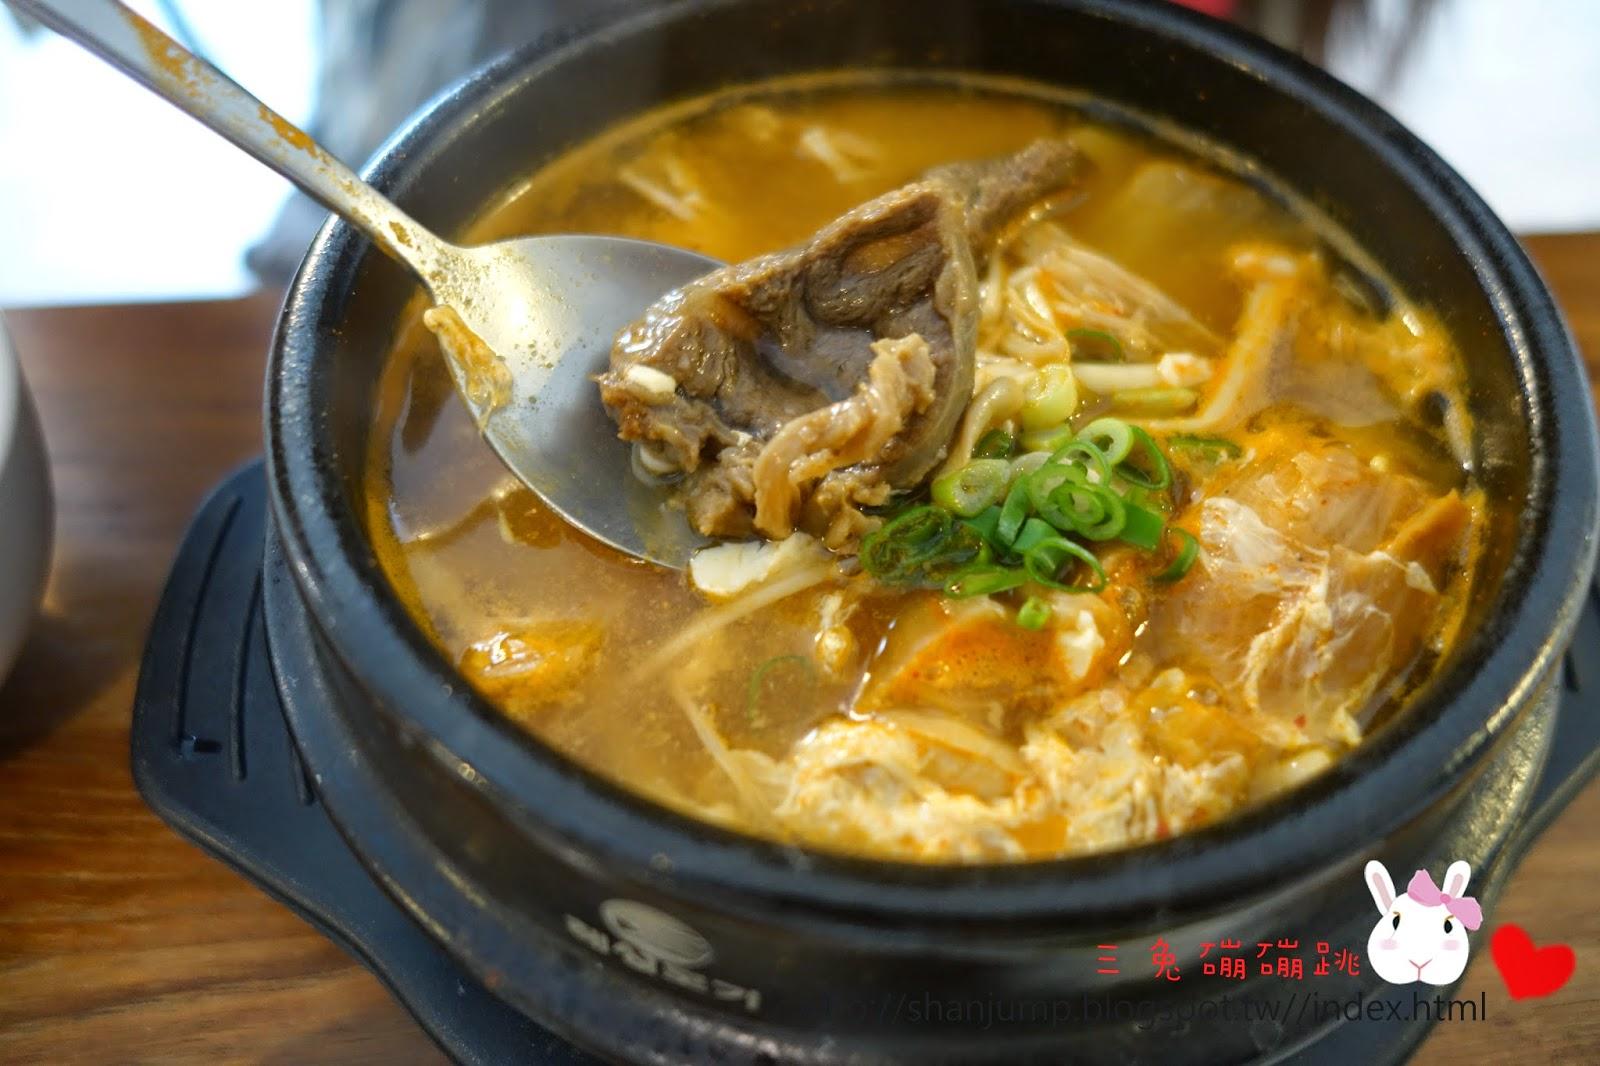 食記〞台中〞草悟道〞TOFU thirty five 豆腐35 | 三兔磞磞跳